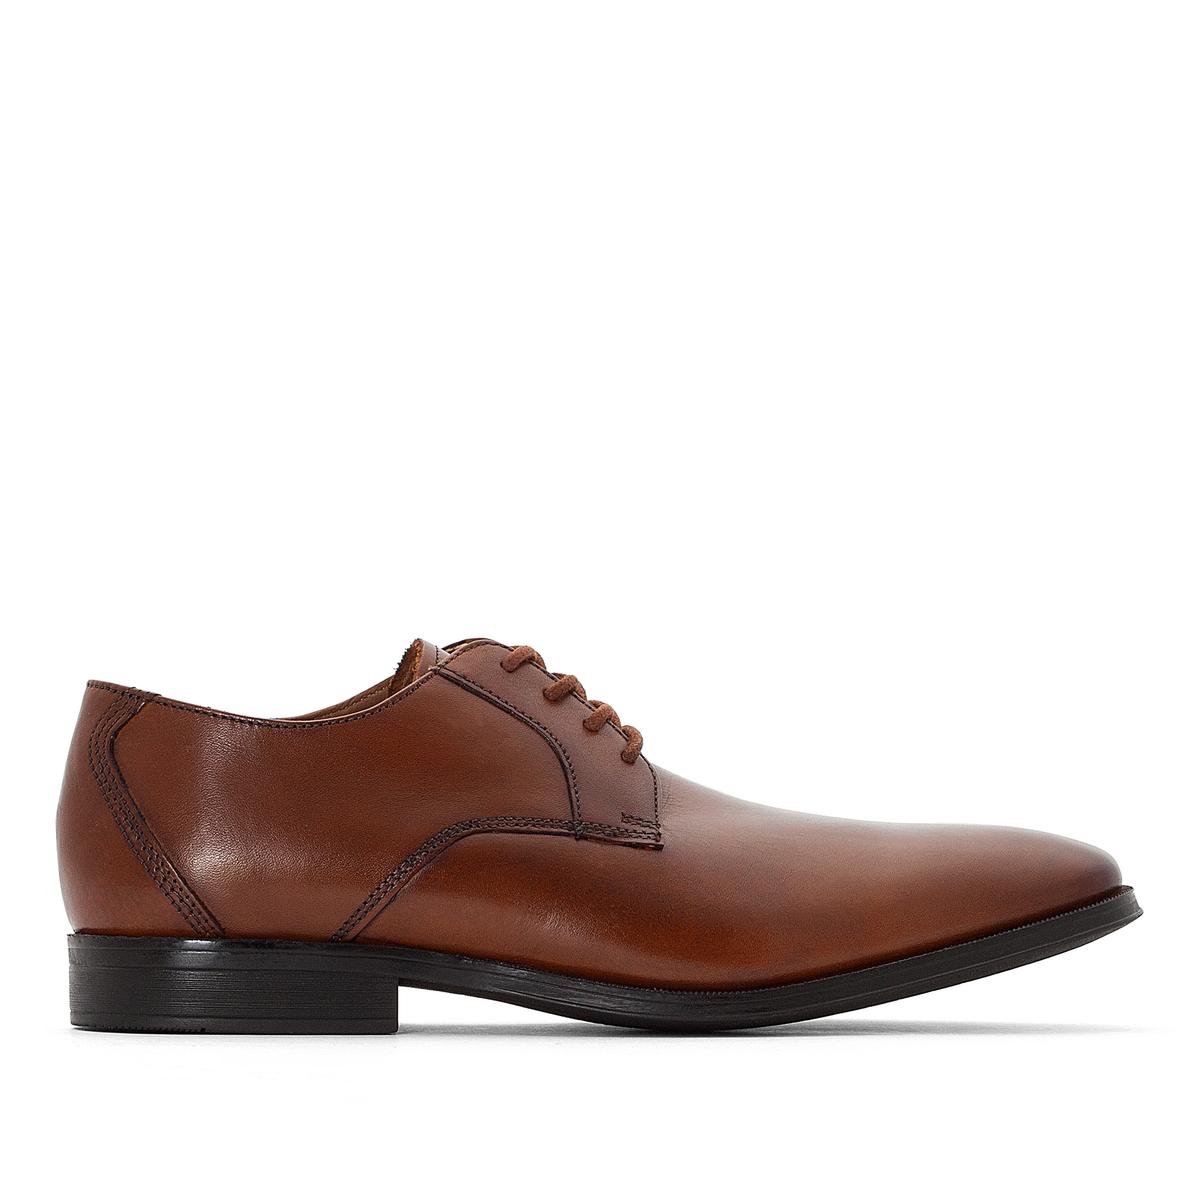 Ботинки-оксфорды кожаные Gilman Lace мужские оксфорды toe up size46 zapatos hombre creppers